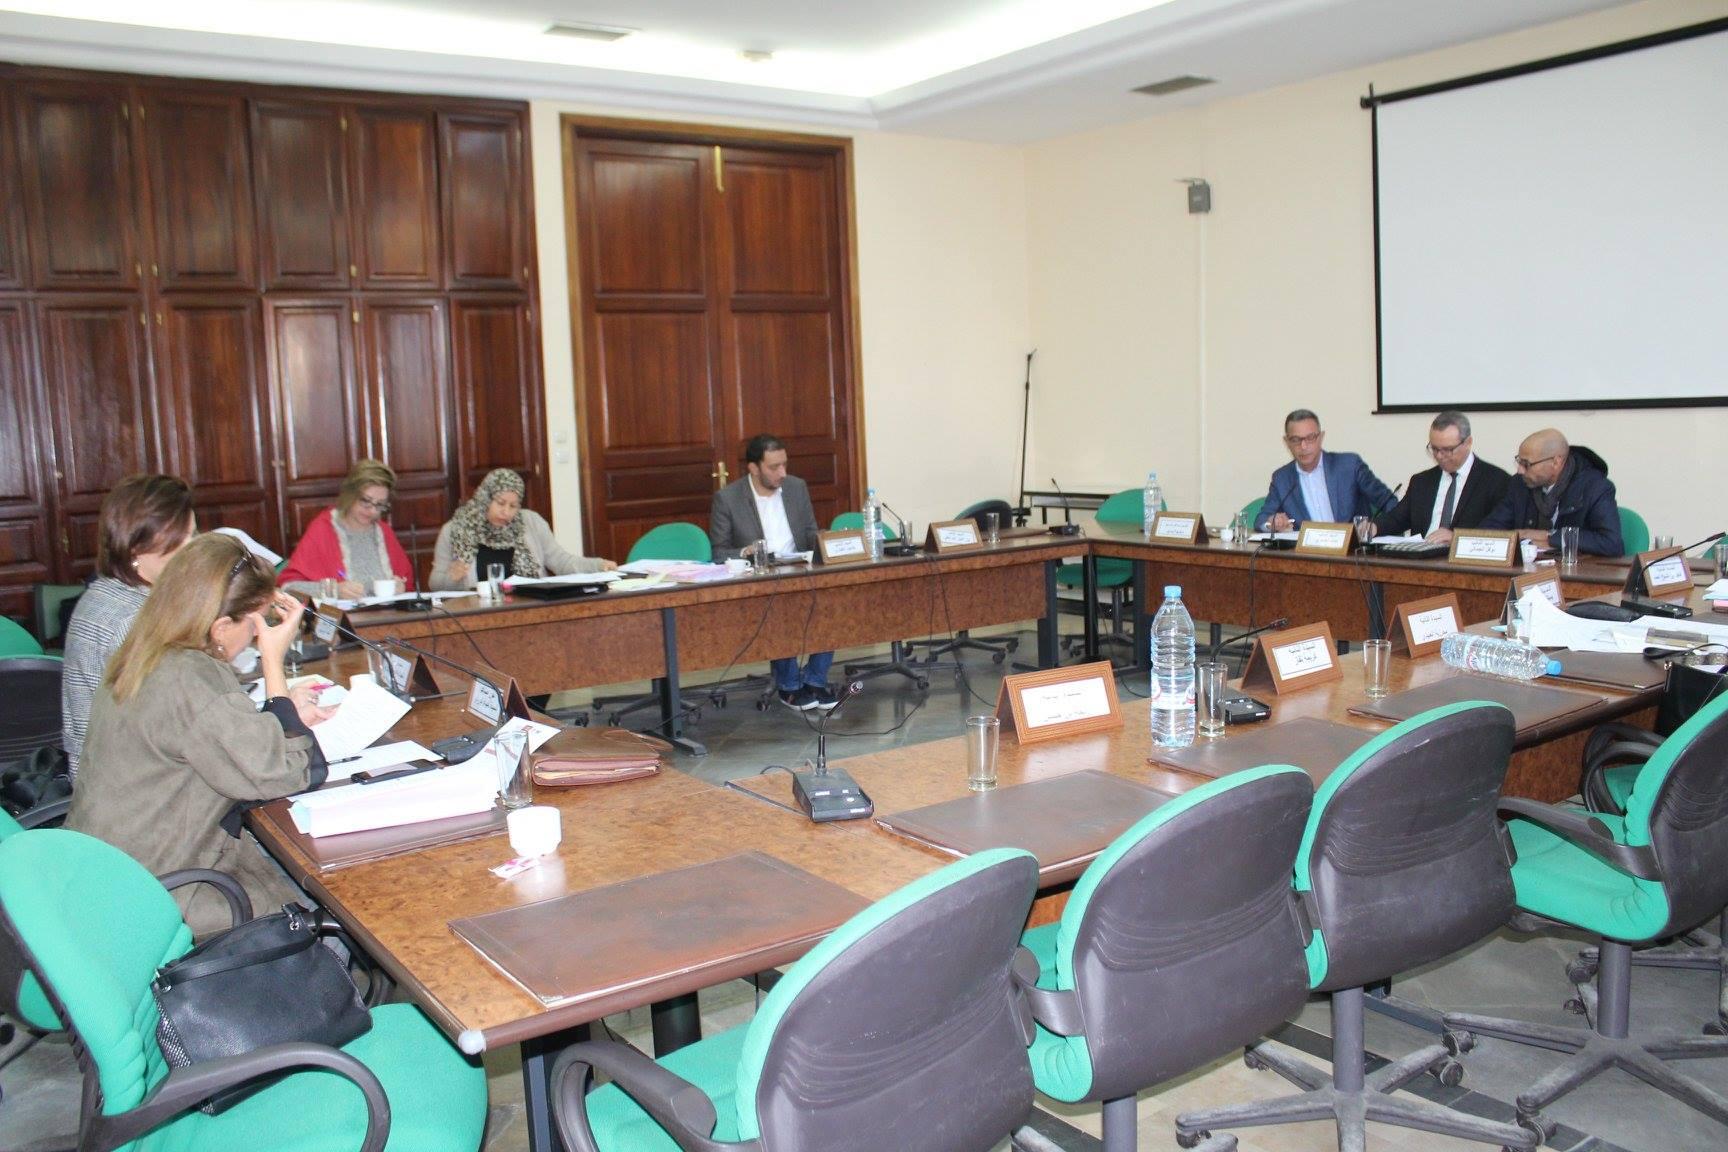 مشروع قانون الطوارئ : اتفاق بالبرلمان على عدم استشارة رئيس الحكومة